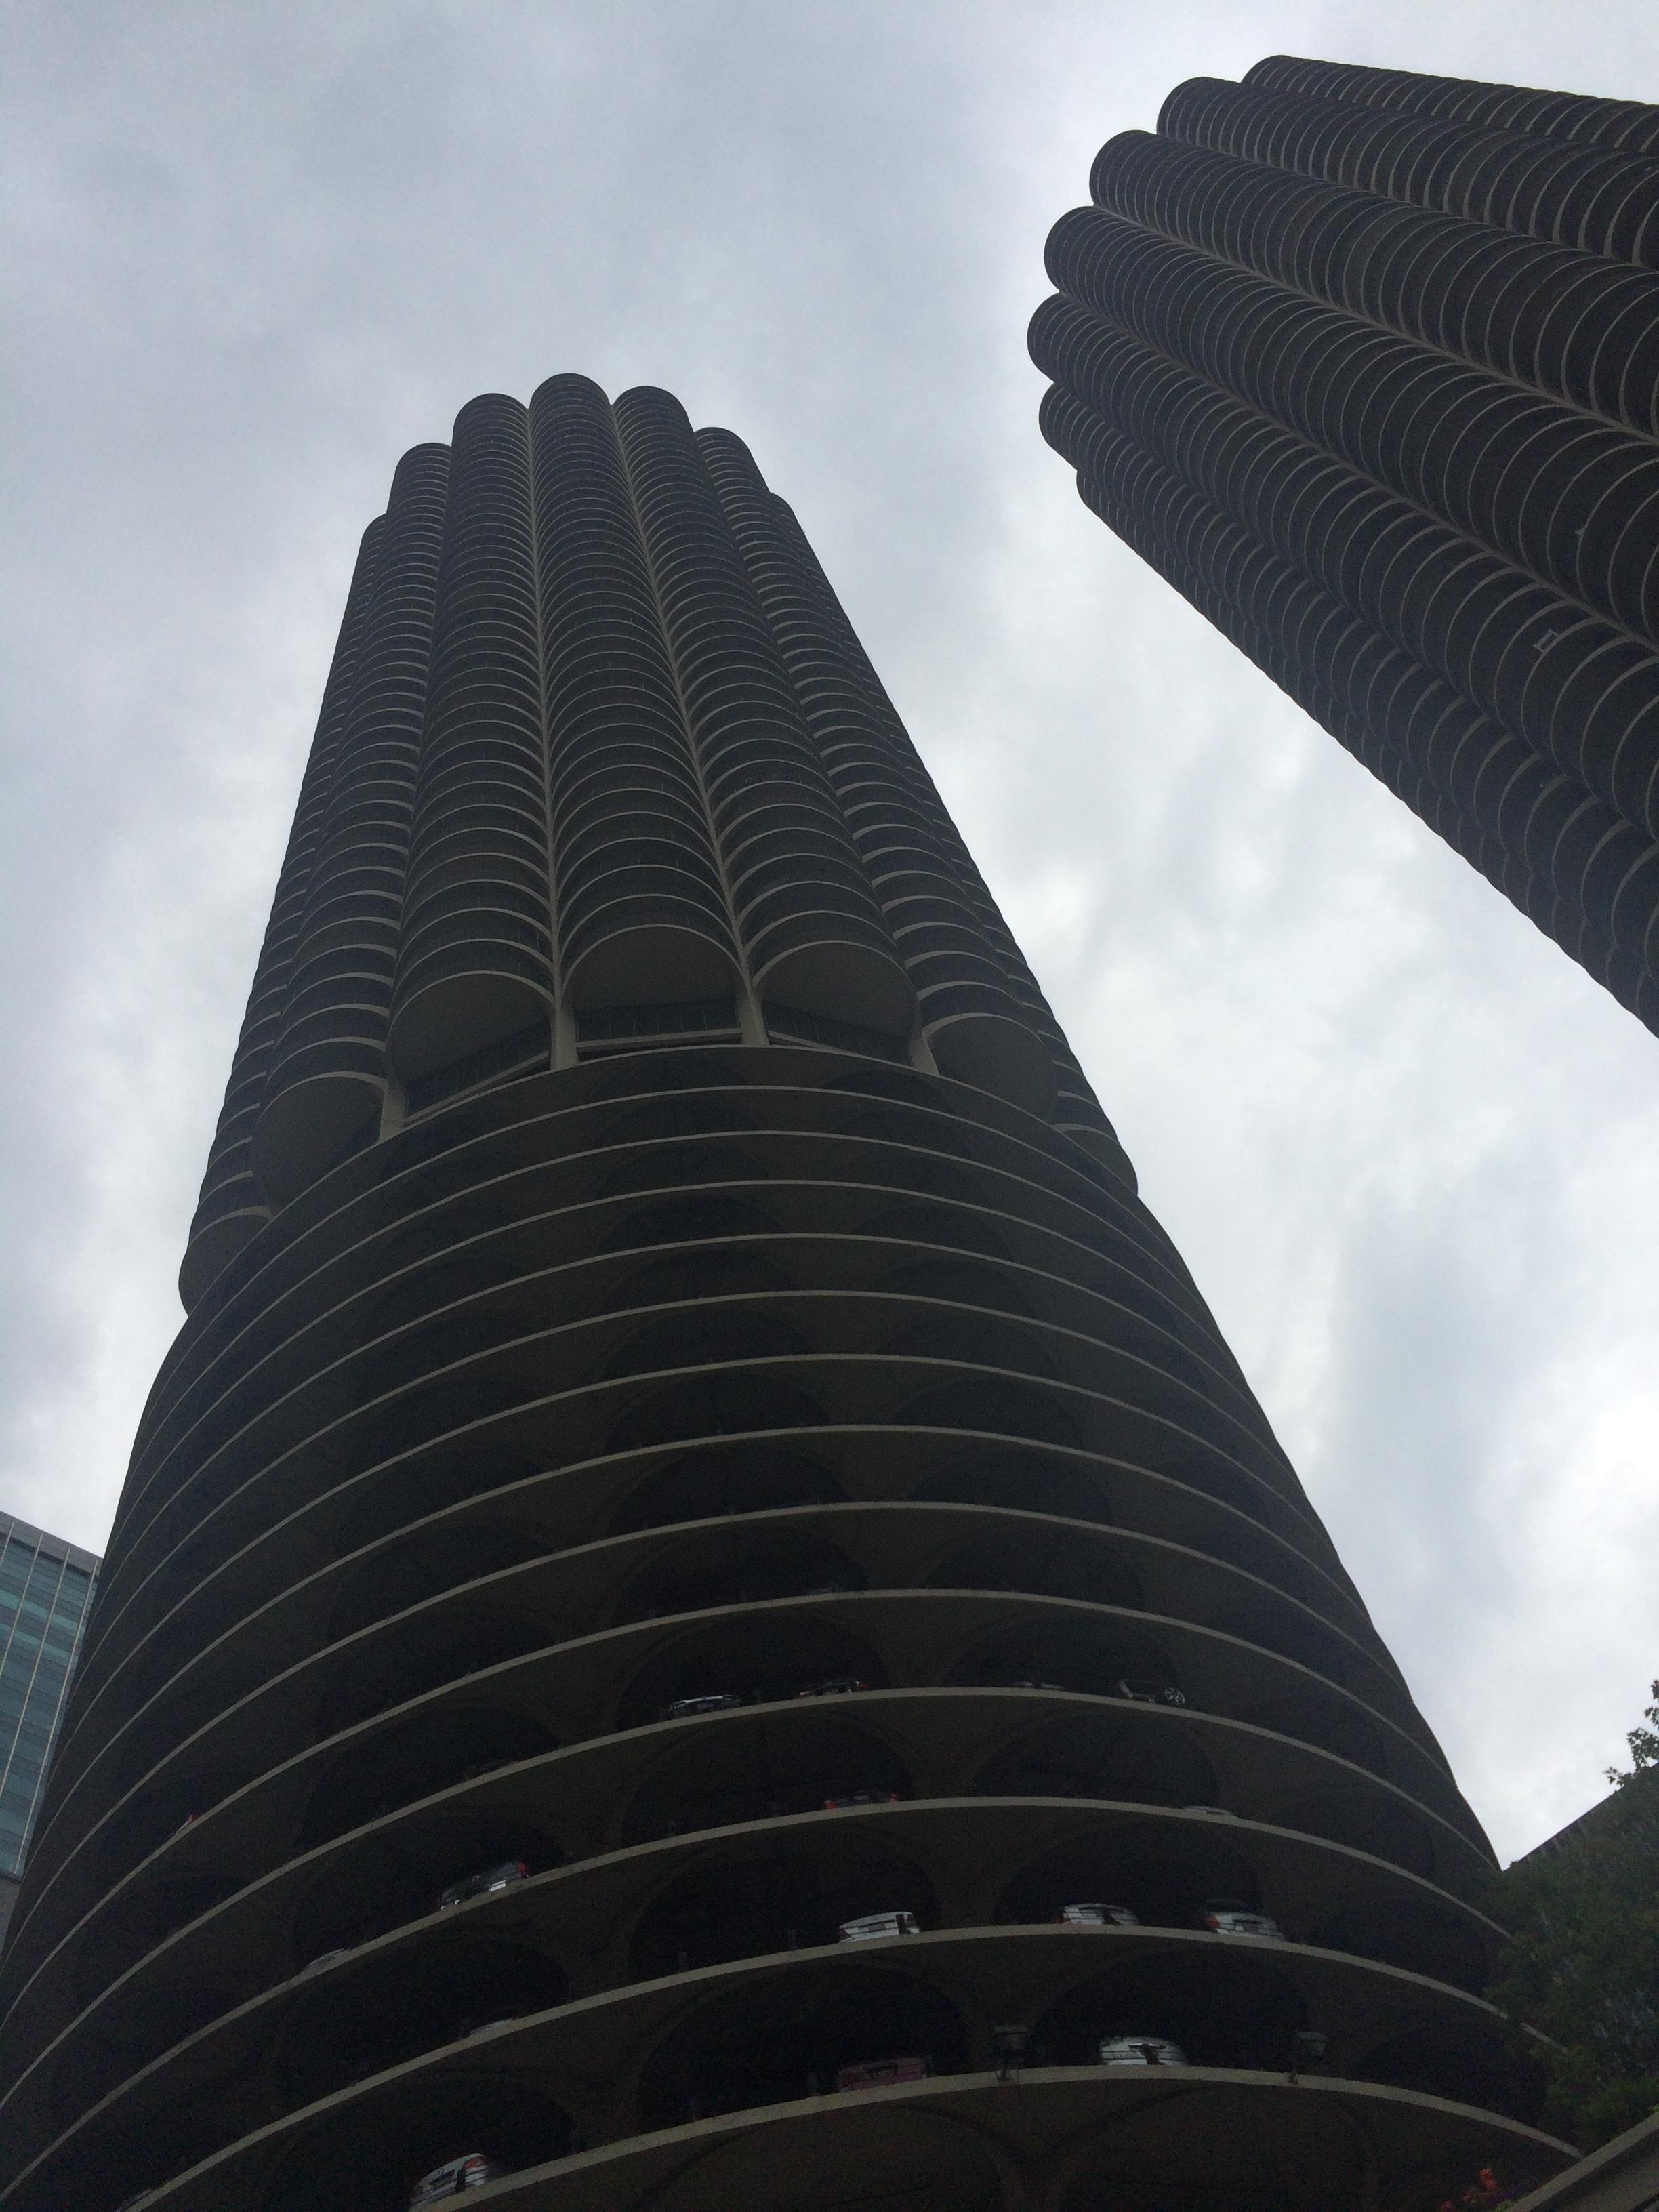 Dois dos prédios mais famosos da cidade. Detalhe da garagem incrível na base deles! O nome do arquiteto é Bertrand Goldberg.